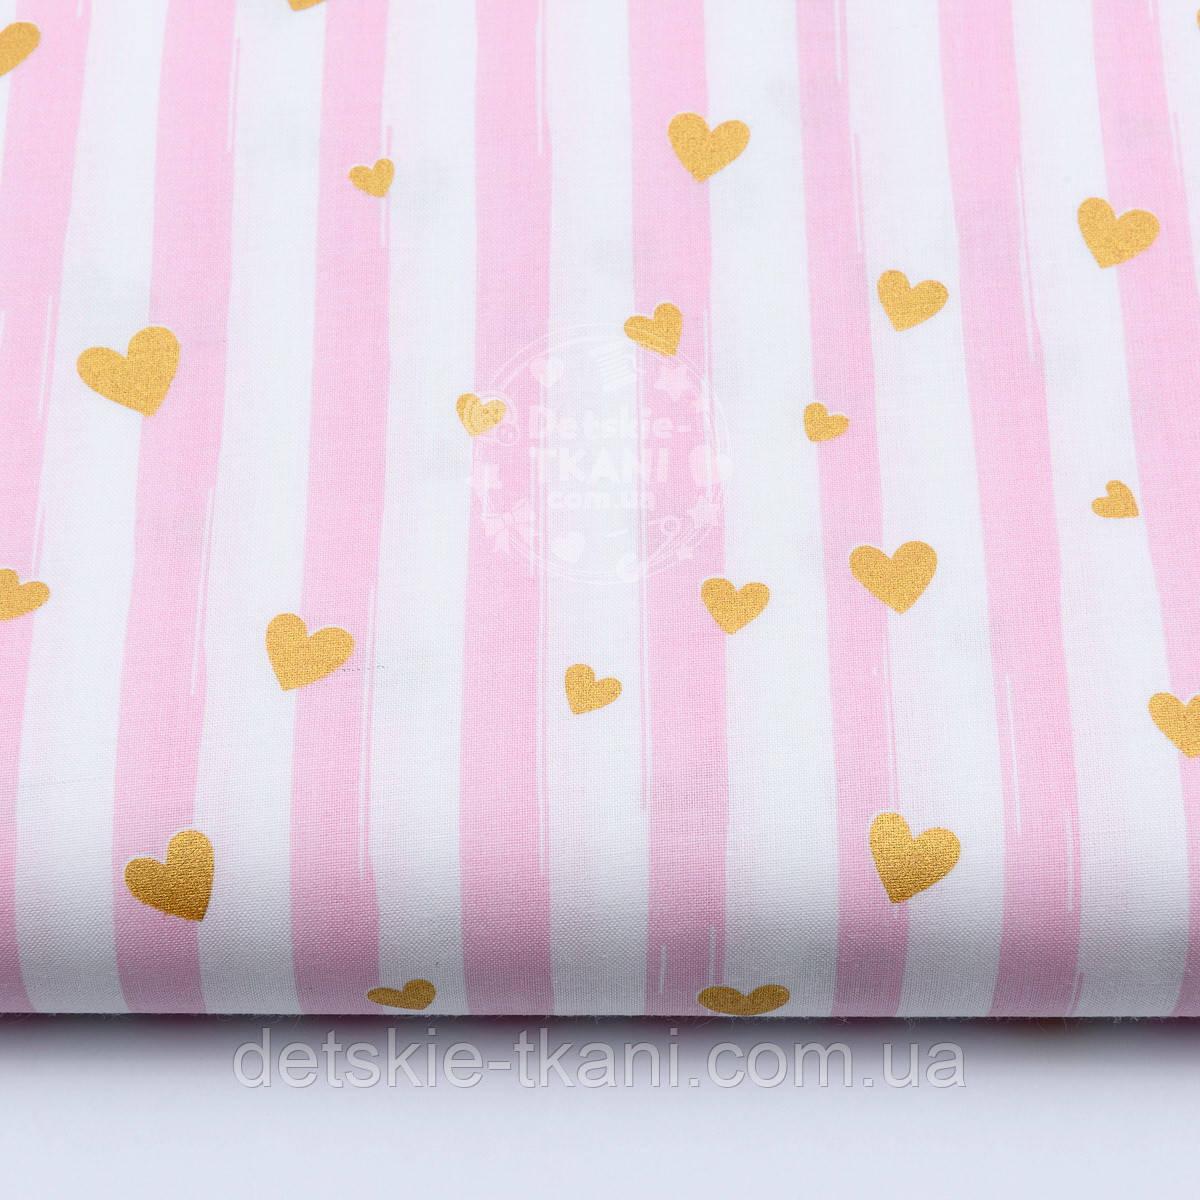 """Хлопковая ткань с глиттерным """"Золотистые сердечки и розовые полосы """" на белом (№1654а)"""